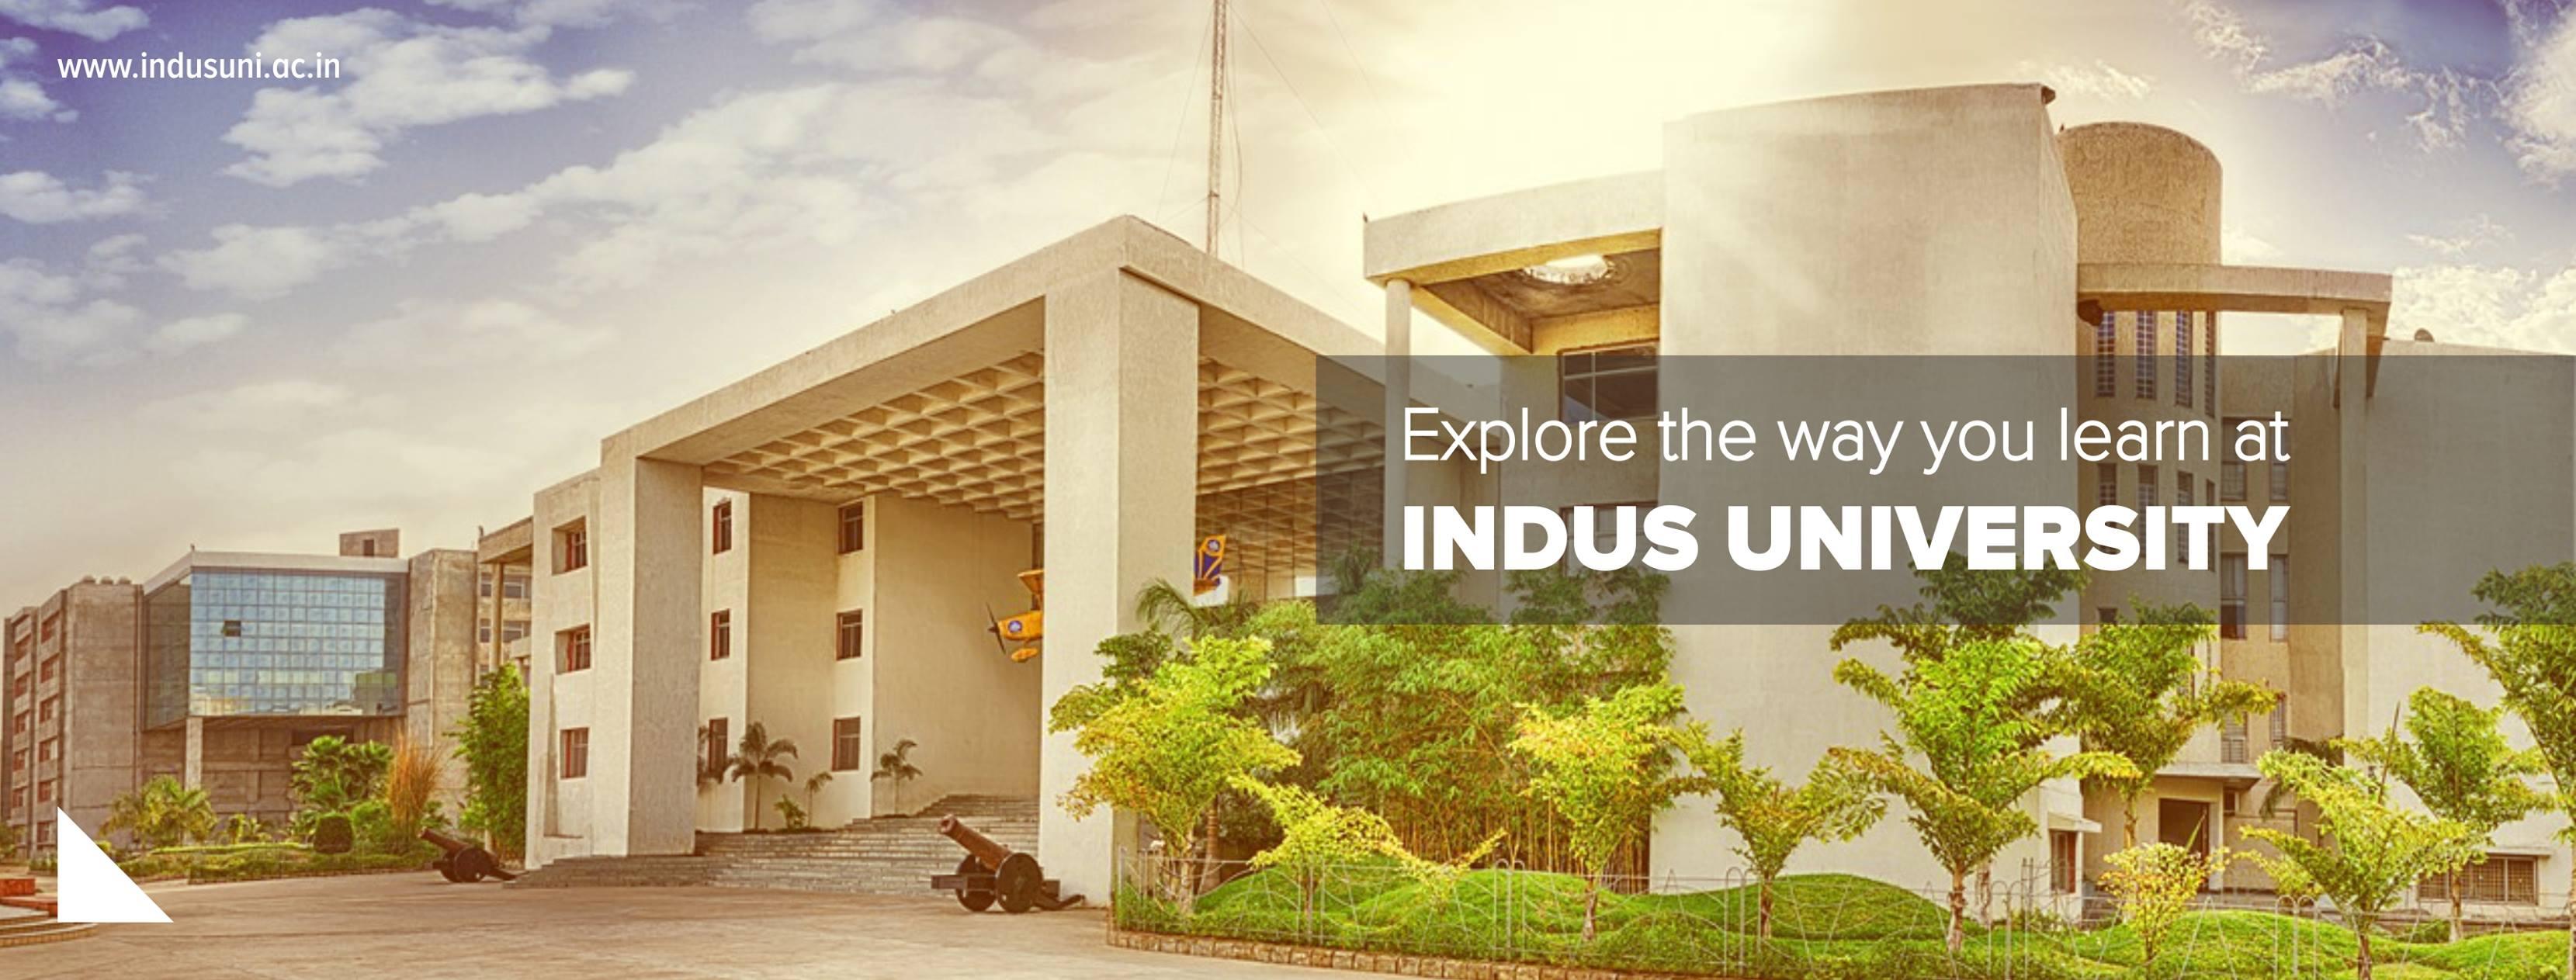 Indus University Campus